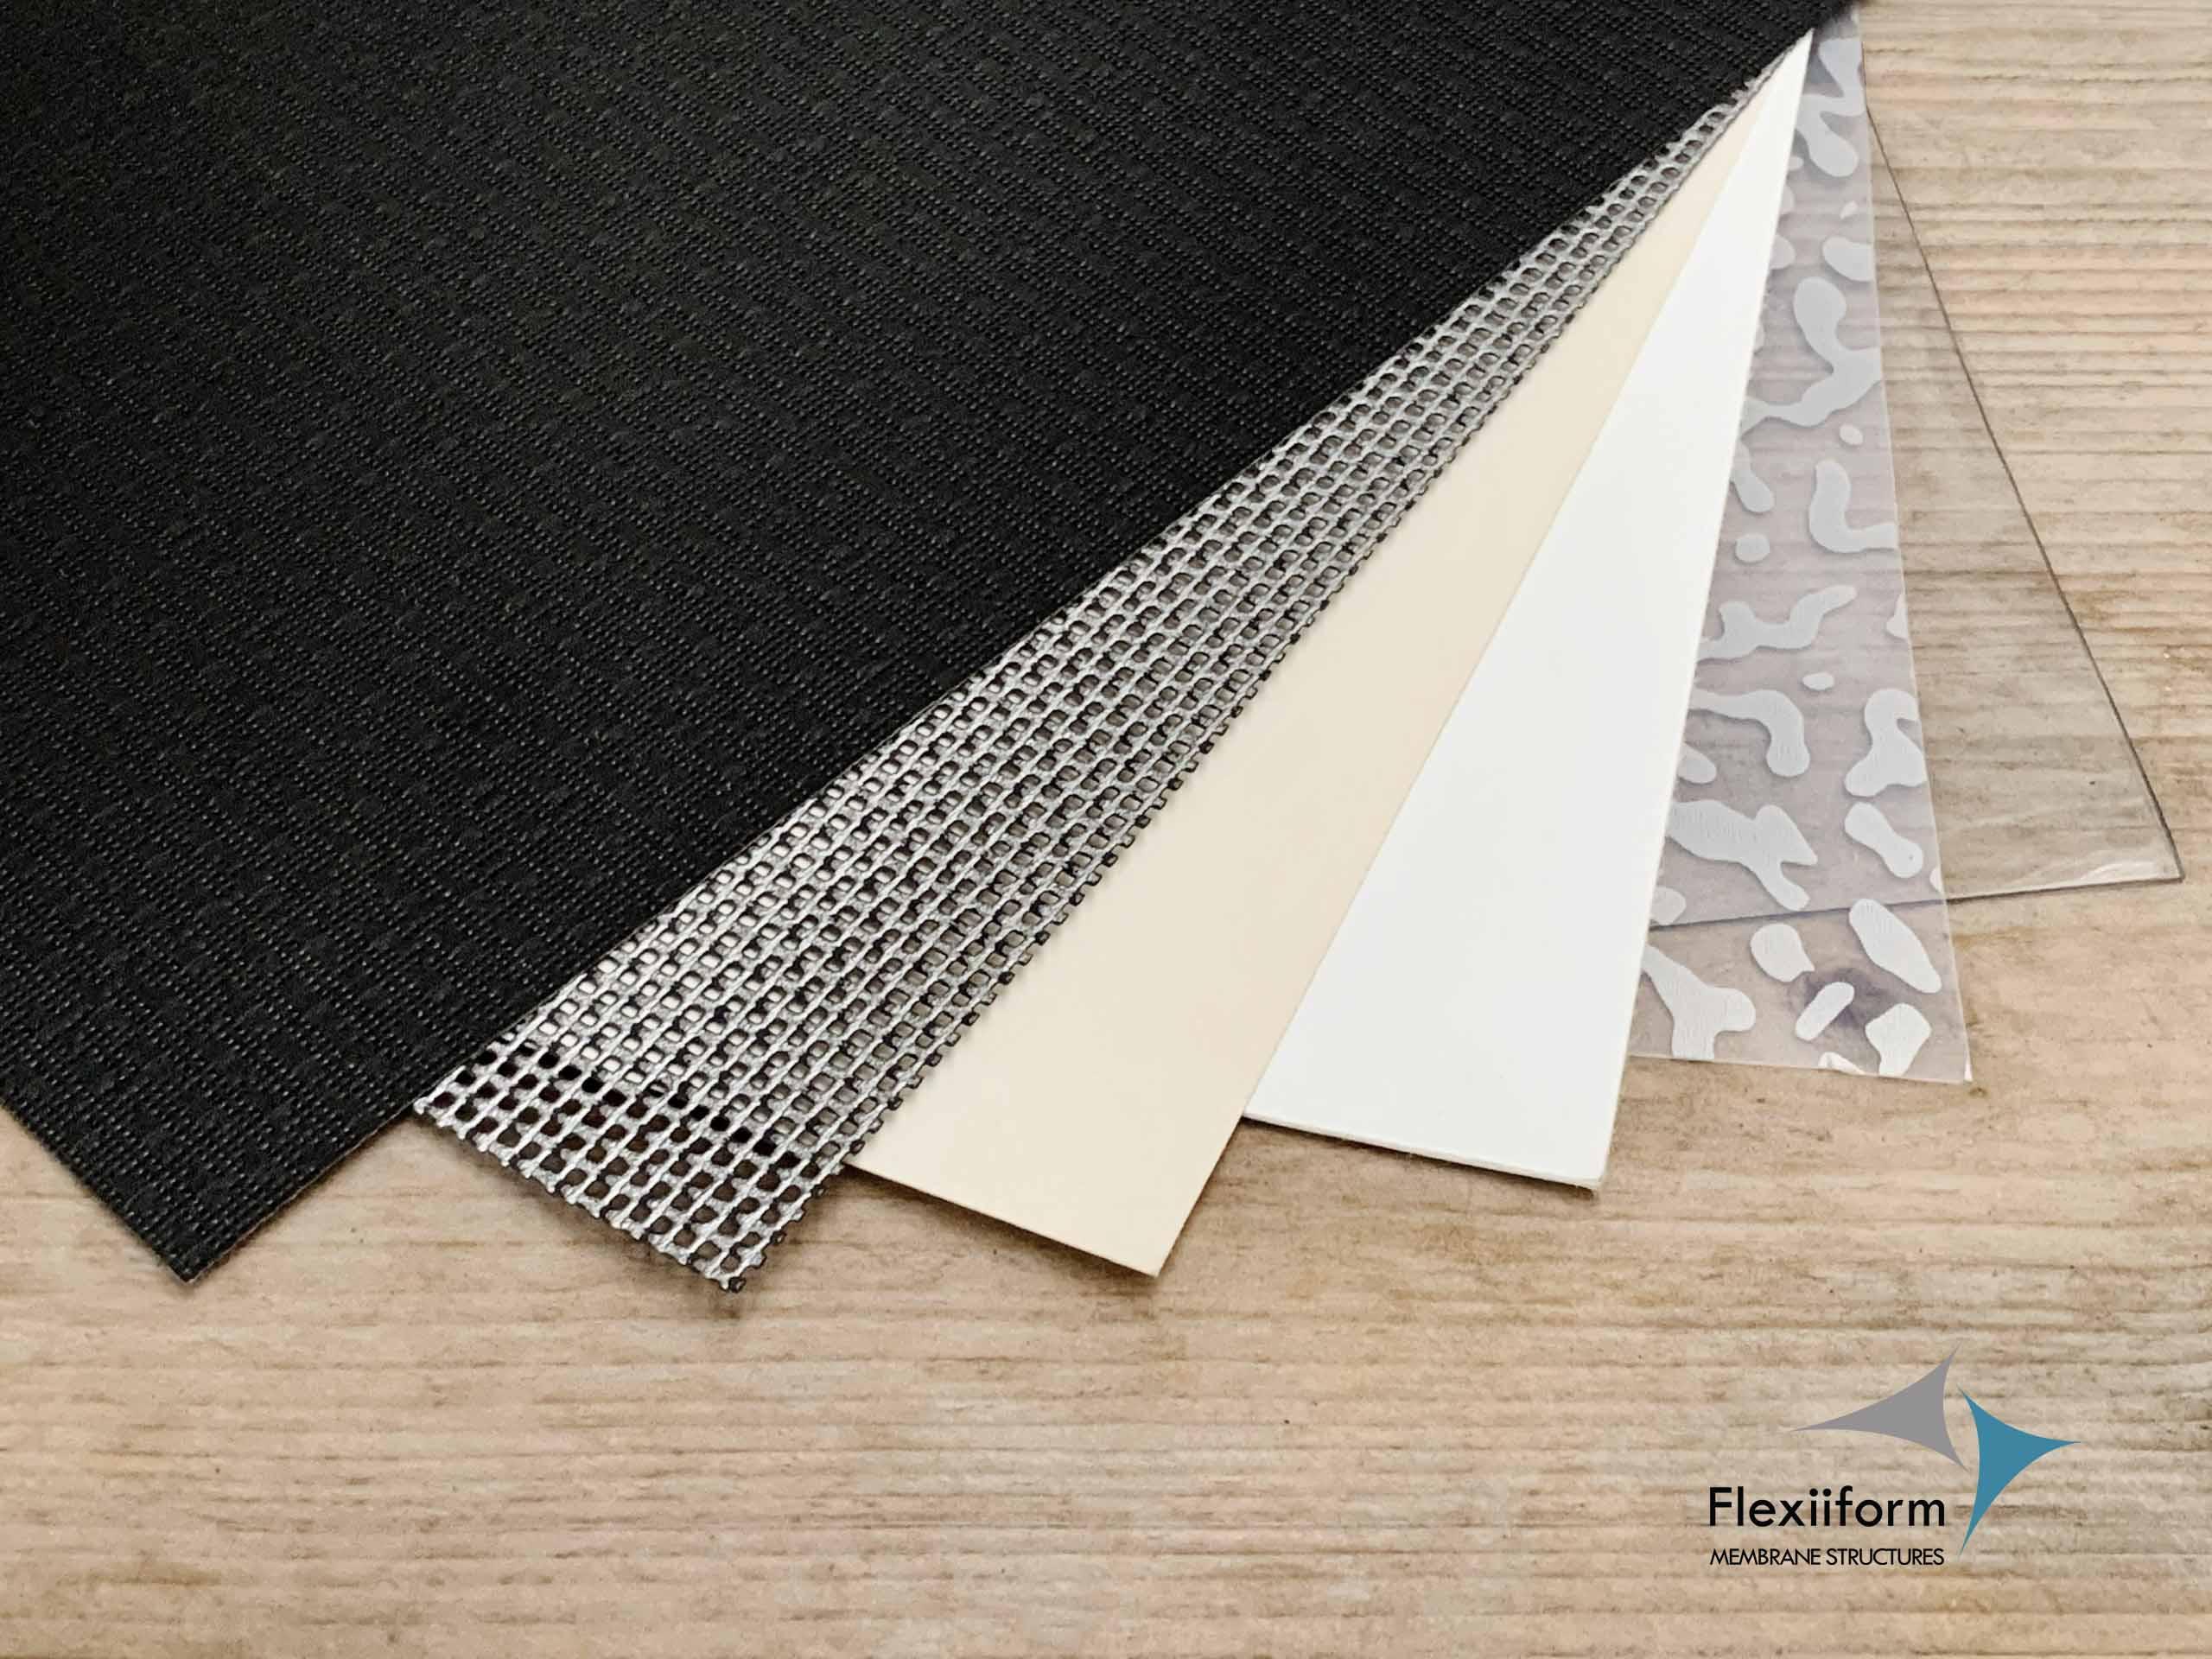 vật liệu mái che bạt căng PVDF, PTFE, ETFE, Mesh, Clear PVC là những loại vật liệu được ứng dụng trong ngành kiến tr1uc bạt căng.